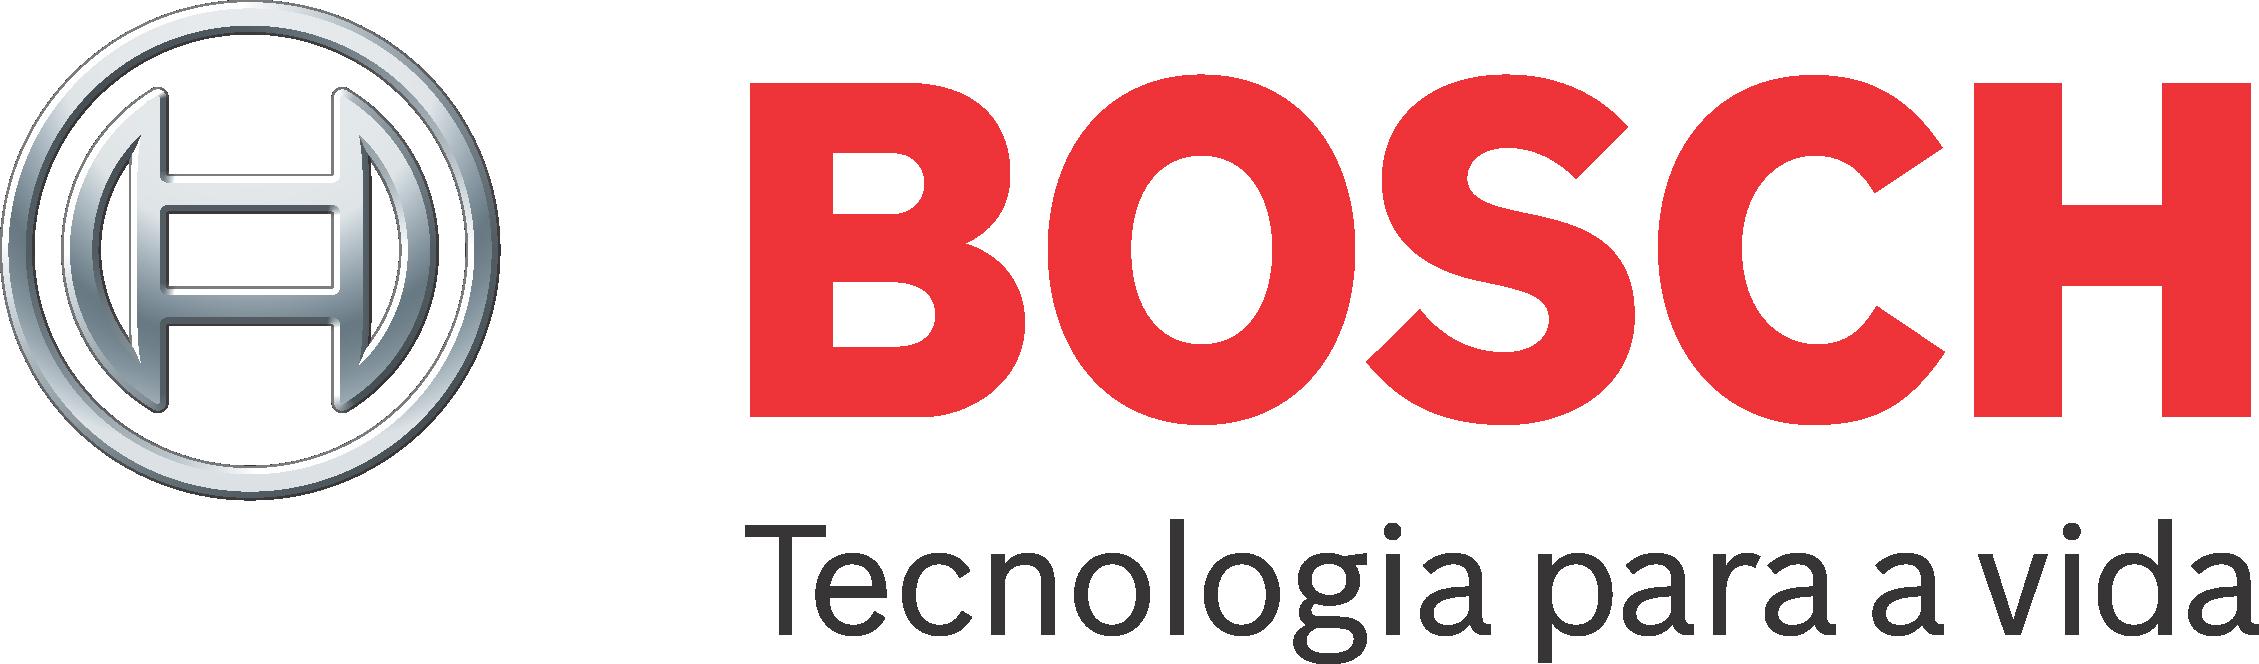 Programa de Estágio Bosch 2013- Inscrições, Data, Objetivos, Benefícios